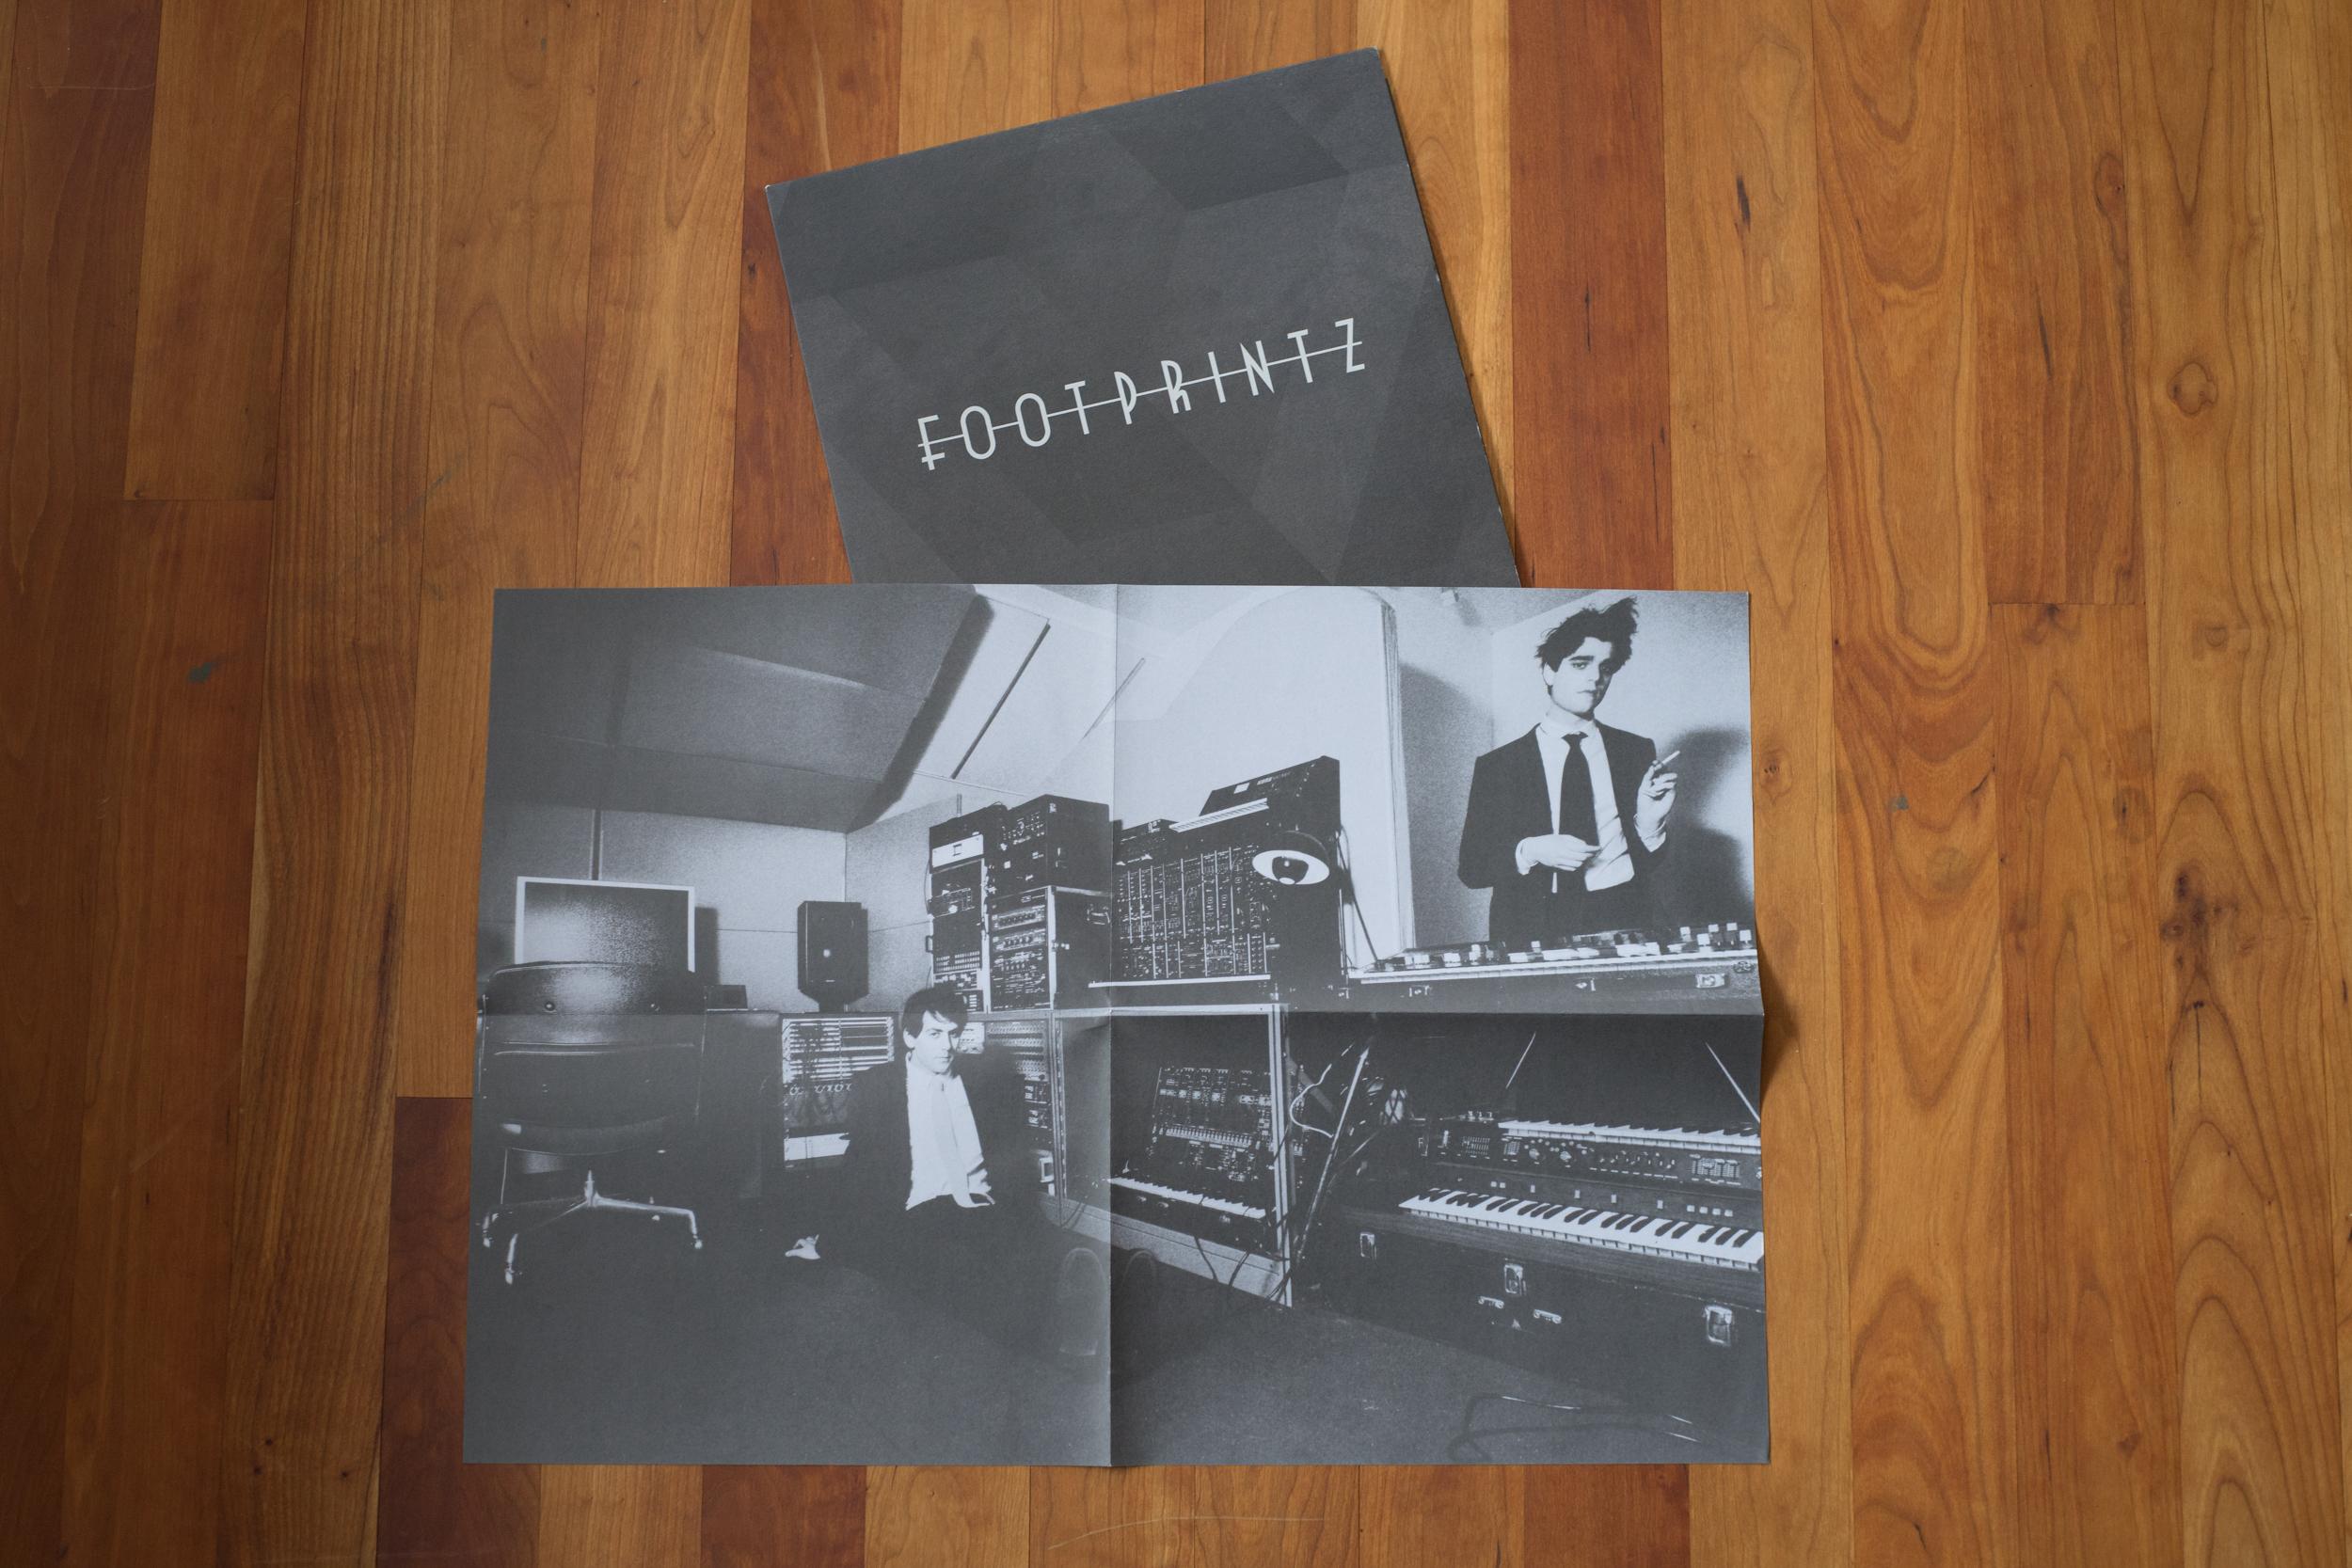 Insert Poster for Footprintz EP